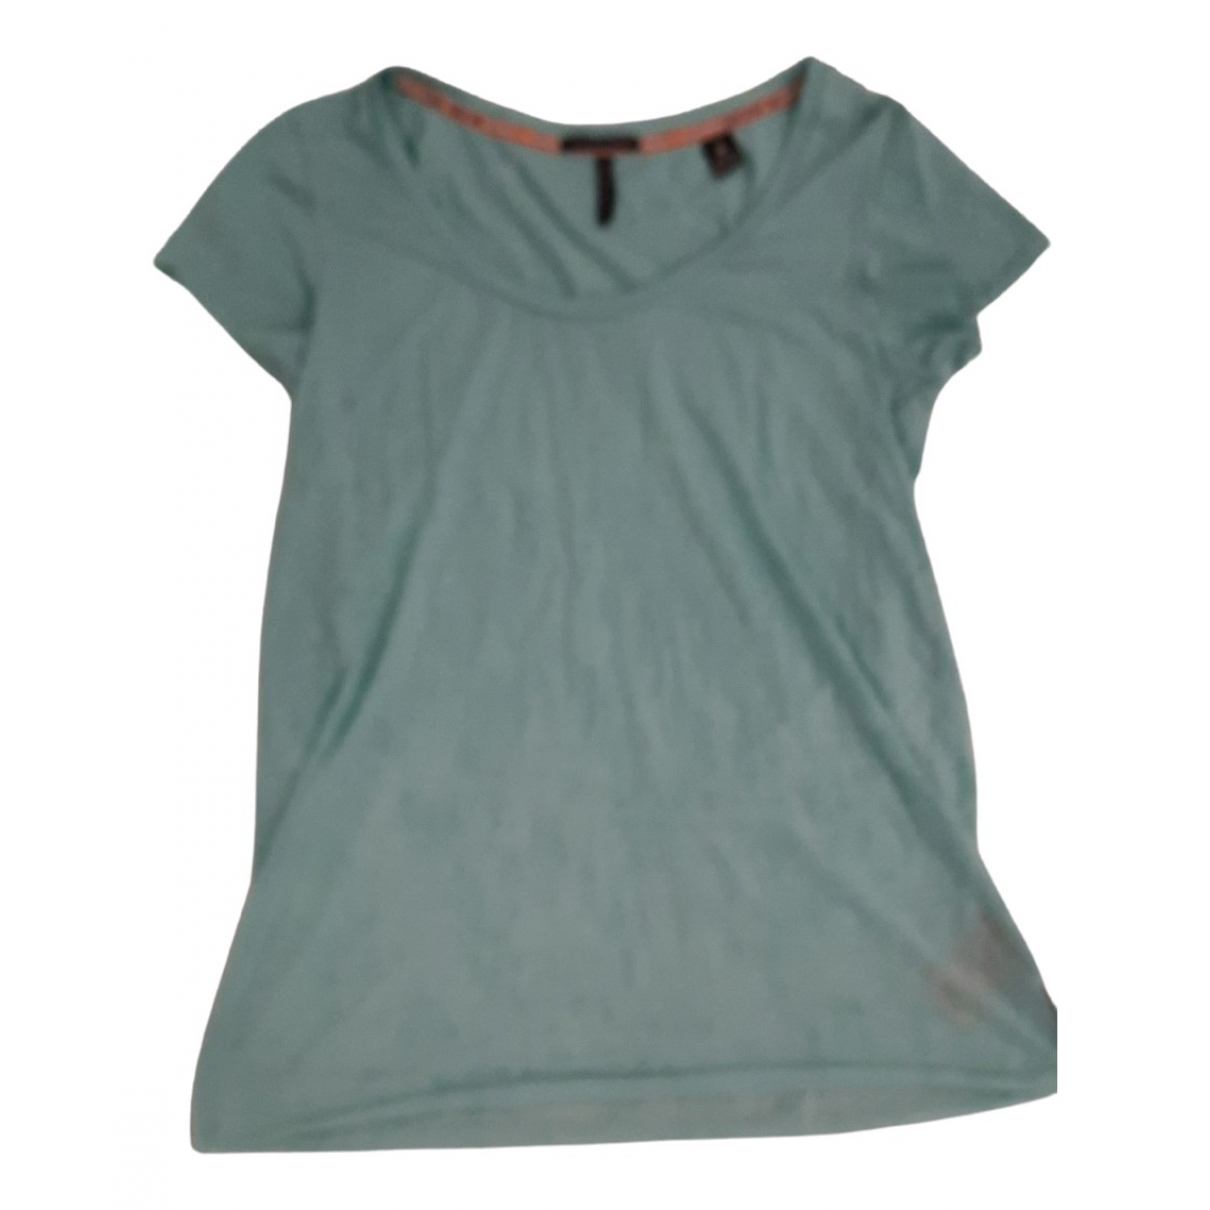 Maison Scotch - Top   pour femme en coton - turquoise